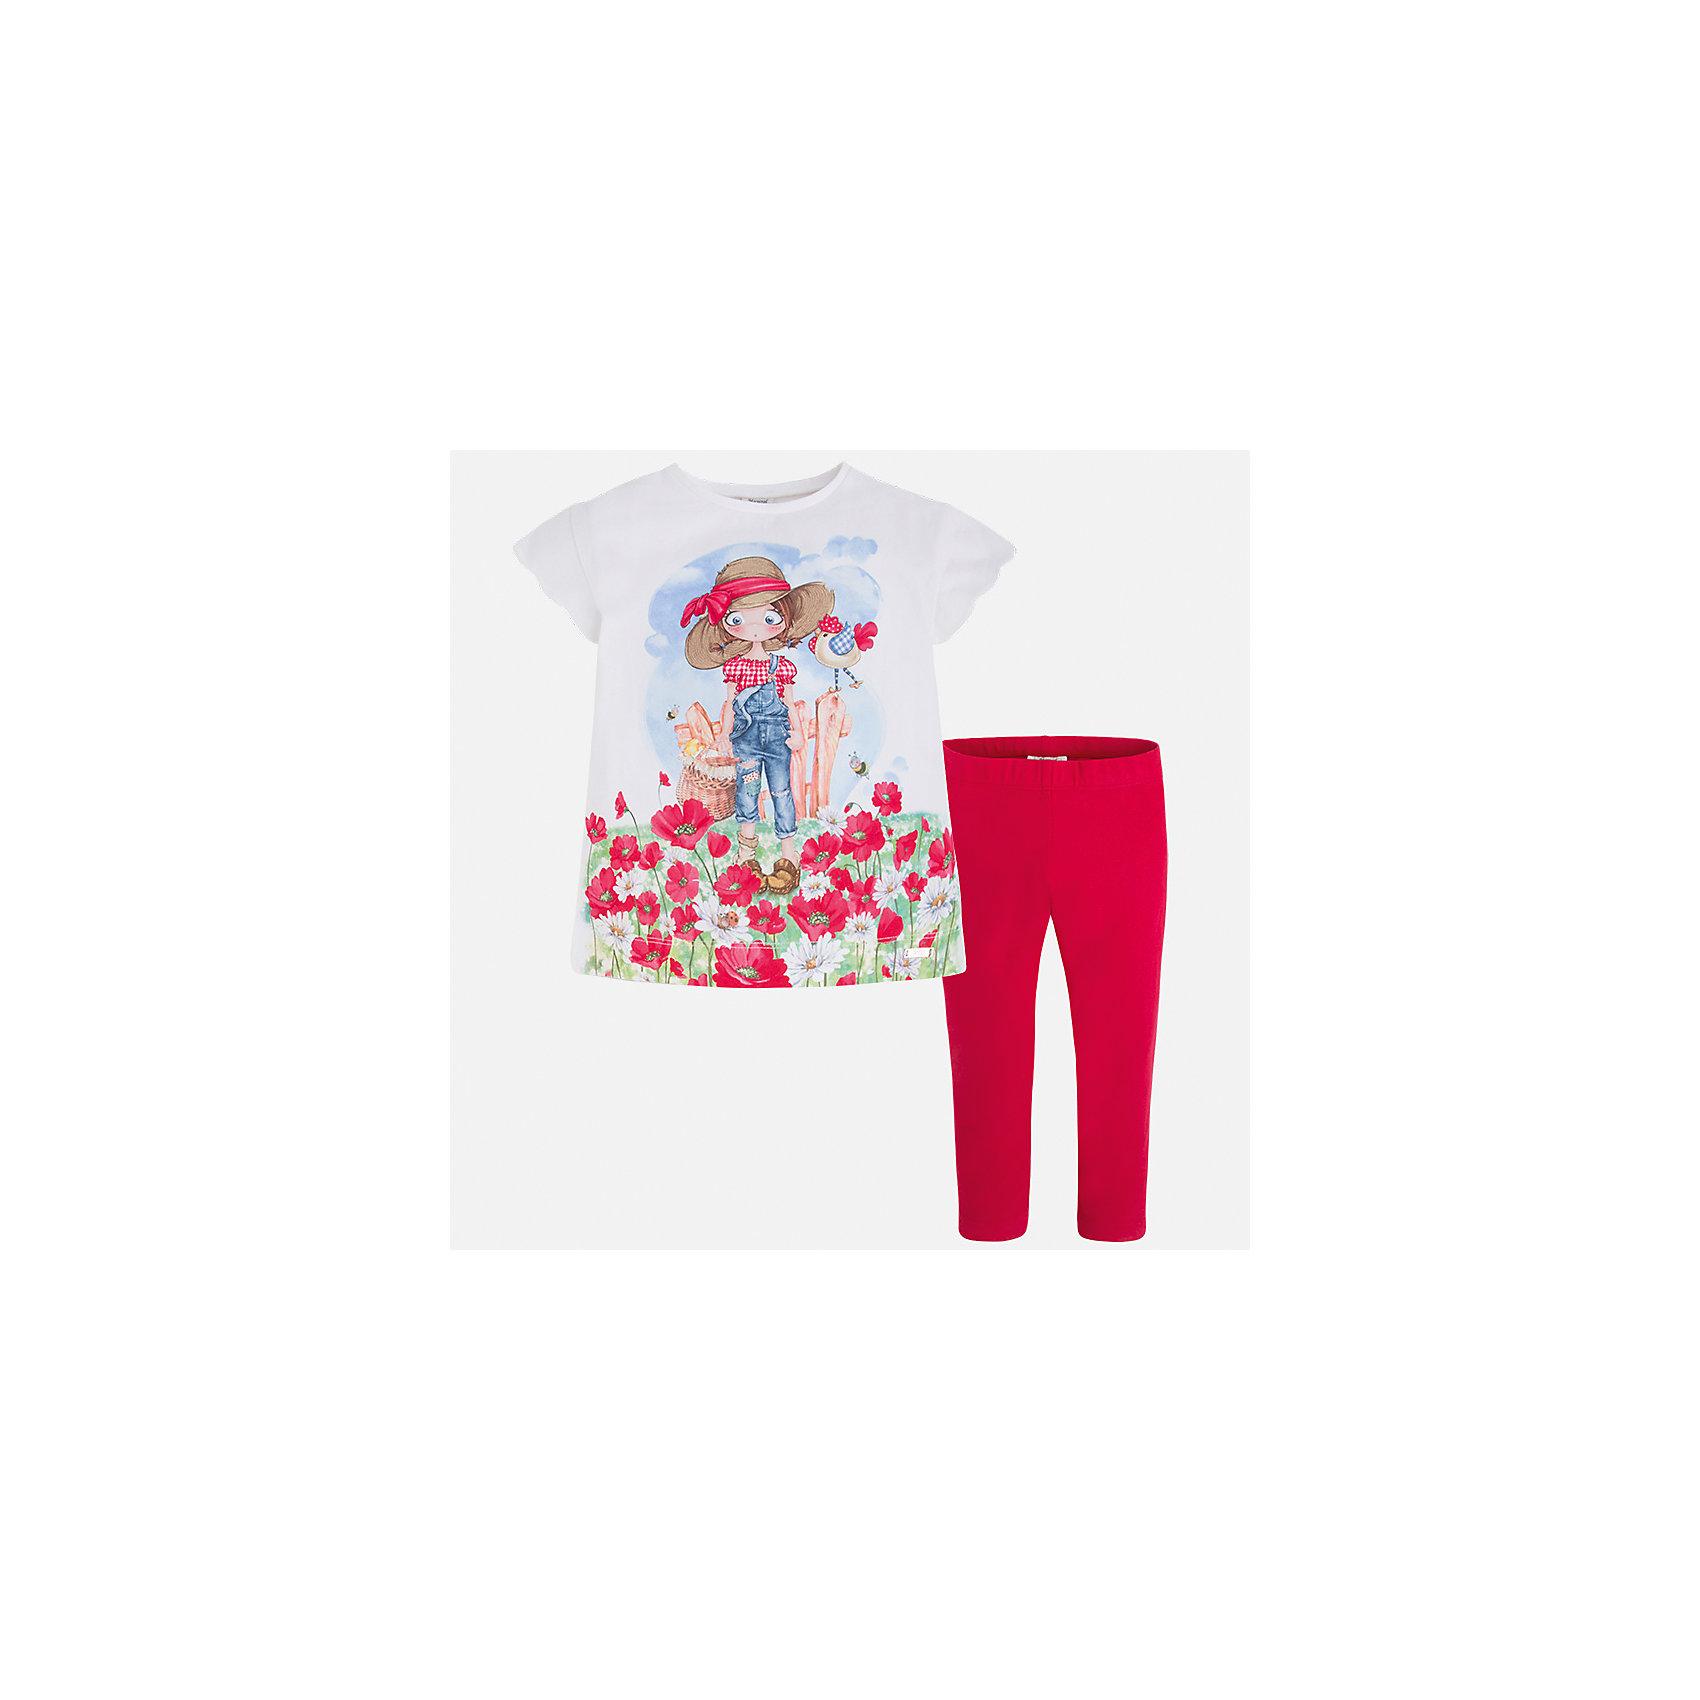 Комплект: футболка и леггинсы для девочки MayoralВесенняя капель<br>Характеристики товара:<br><br>• цвет: белый/красный<br>• состав: 92% хлопок, 8% эластан<br>• комплектация: футболка, леггинсы<br>• футболка декорирована принтом <br>• леггинсы однотонные<br>• пояс на резинке<br>• страна бренда: Испания<br><br>Модный качественный комплект для девочки поможет разнообразить гардероб ребенка и удобно одеться в теплую погоду. Он отлично сочетается с другими предметами. Универсальный цвет позволяет подобрать к вещам верхнюю одежду практически любой расцветки. Интересная отделка модели делает её нарядной и оригинальной. В составе материала - натуральный хлопок, гипоаллергенный, приятный на ощупь, дышащий.<br><br>Одежда, обувь и аксессуары от испанского бренда Mayoral полюбились детям и взрослым по всему миру. Модели этой марки - стильные и удобные. Для их производства используются только безопасные, качественные материалы и фурнитура. Порадуйте ребенка модными и красивыми вещами от Mayoral! <br><br>Комплект для девочки от испанского бренда Mayoral (Майорал) можно купить в нашем интернет-магазине.<br><br>Ширина мм: 123<br>Глубина мм: 10<br>Высота мм: 149<br>Вес г: 209<br>Цвет: красный<br>Возраст от месяцев: 18<br>Возраст до месяцев: 24<br>Пол: Женский<br>Возраст: Детский<br>Размер: 92,134,98,104,110,116,122,128<br>SKU: 5290577